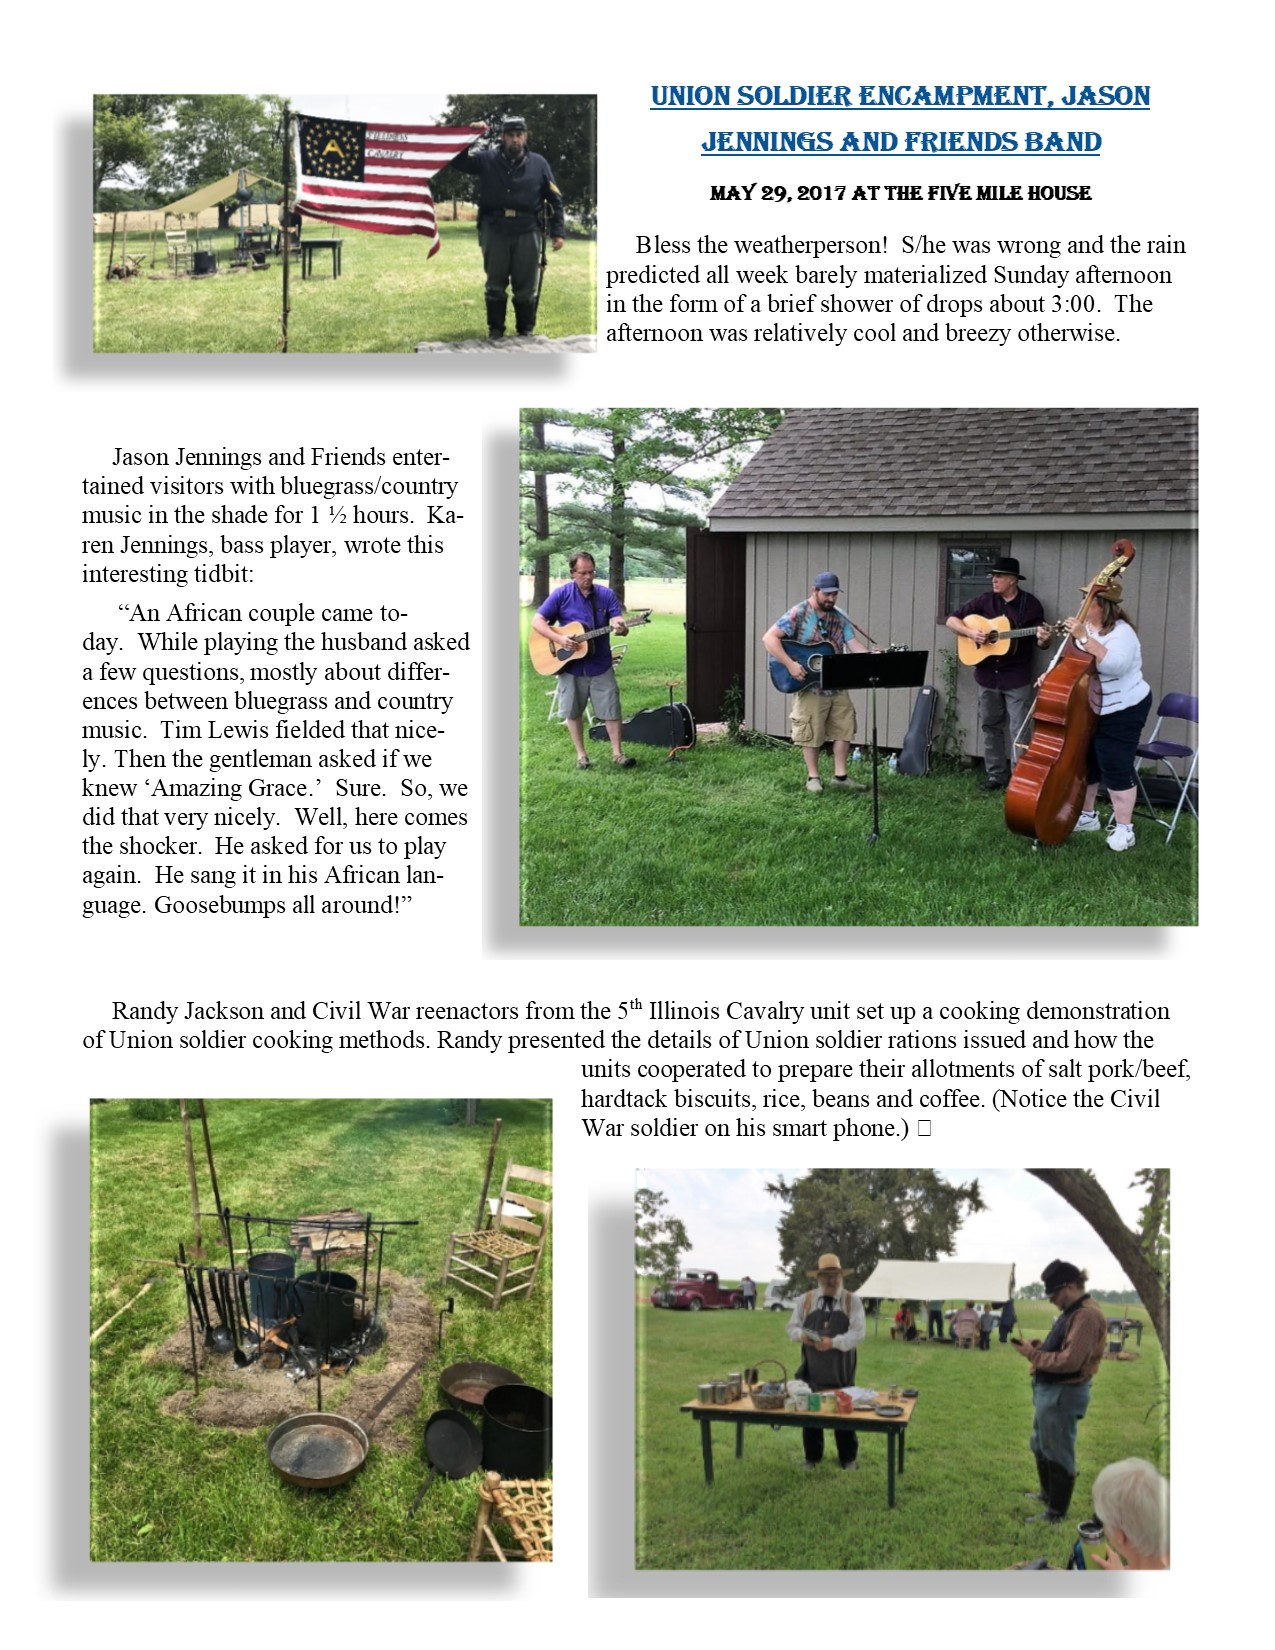 May 28, 2017 Civil War Encampment #1.jpg